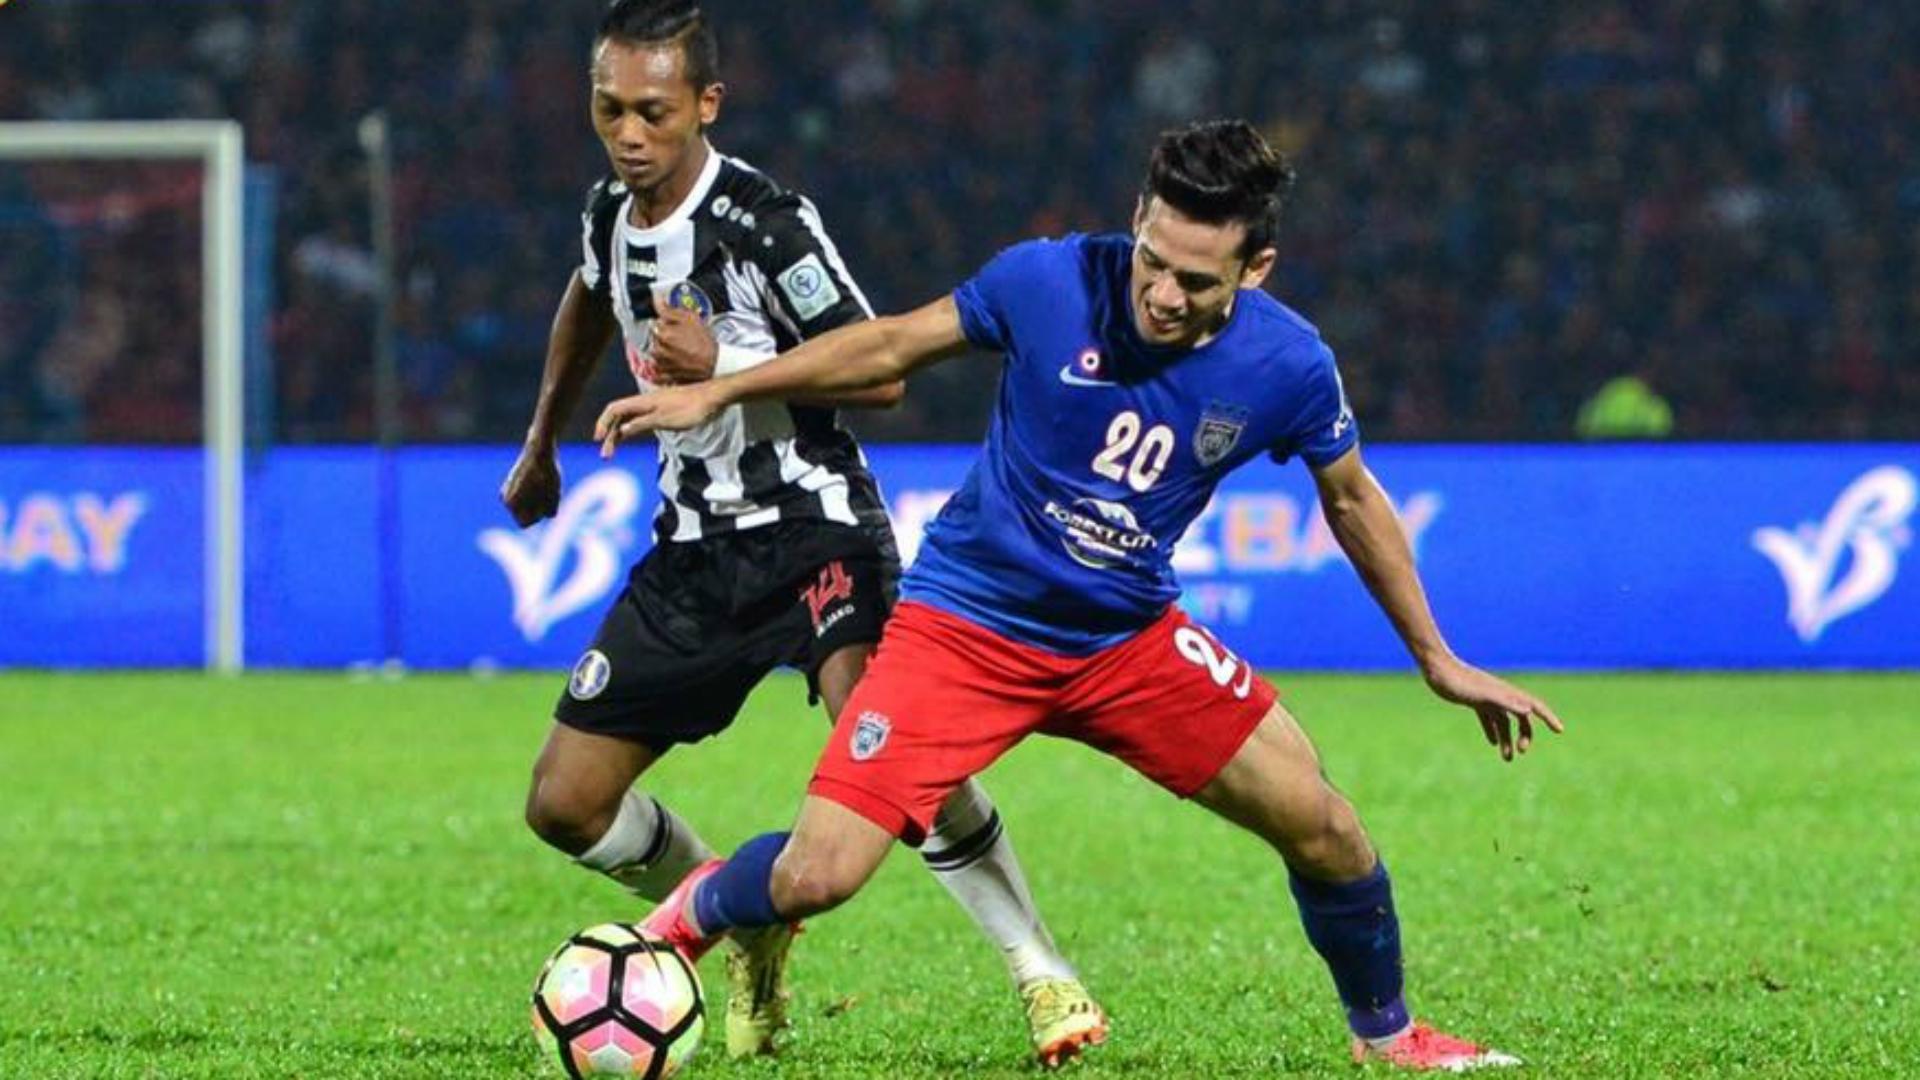 Azrif Nasrulhaq, Johor Darul Ta'zim, Faizal Rosli, Pahang, FA Cup, 23/04/2017